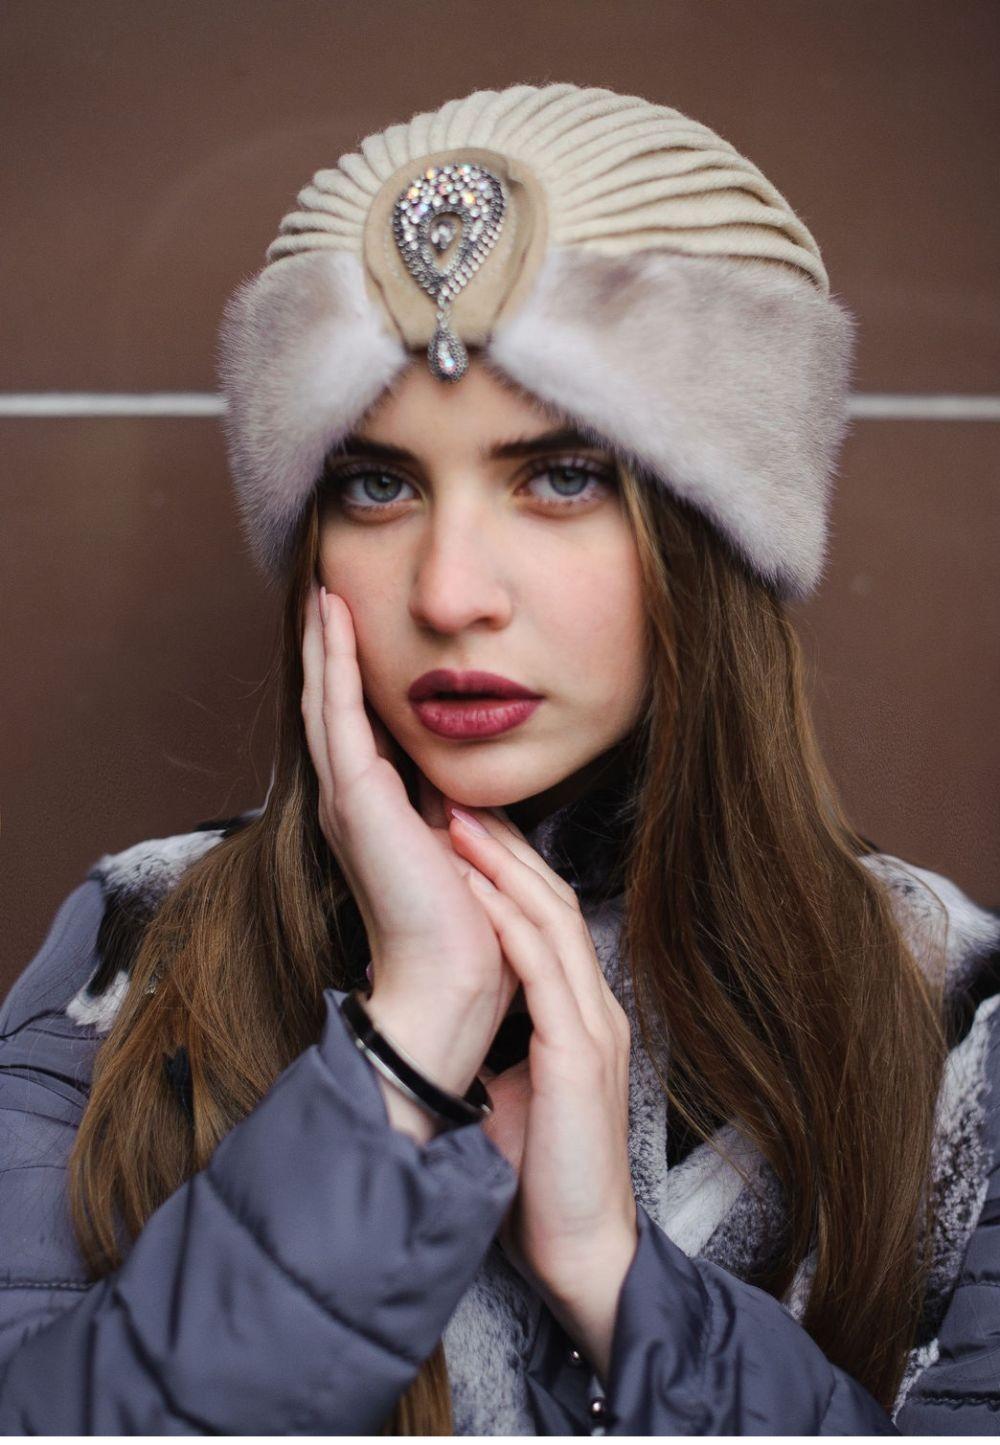 Какую шапку носить с курткой: под темные волосы светла из меха с декором из камня